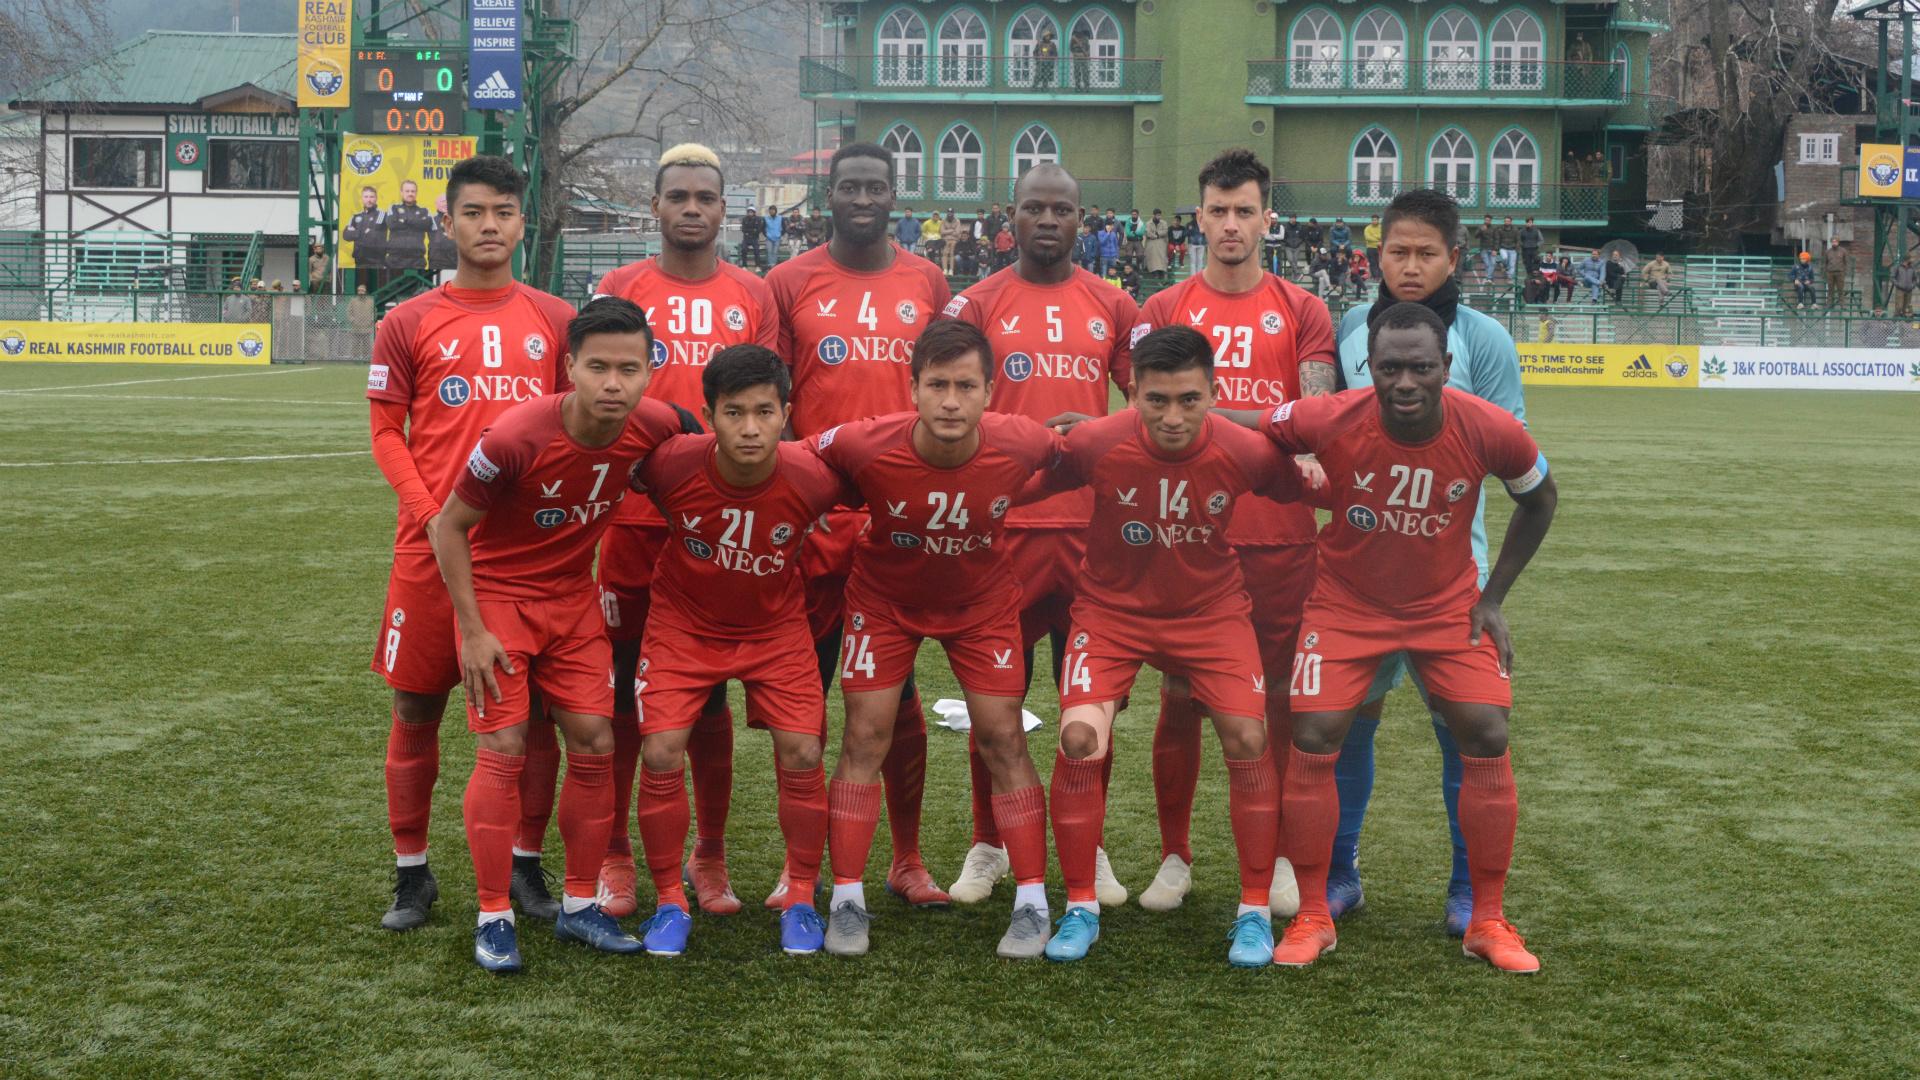 Aizawl FC I-League 2019-20